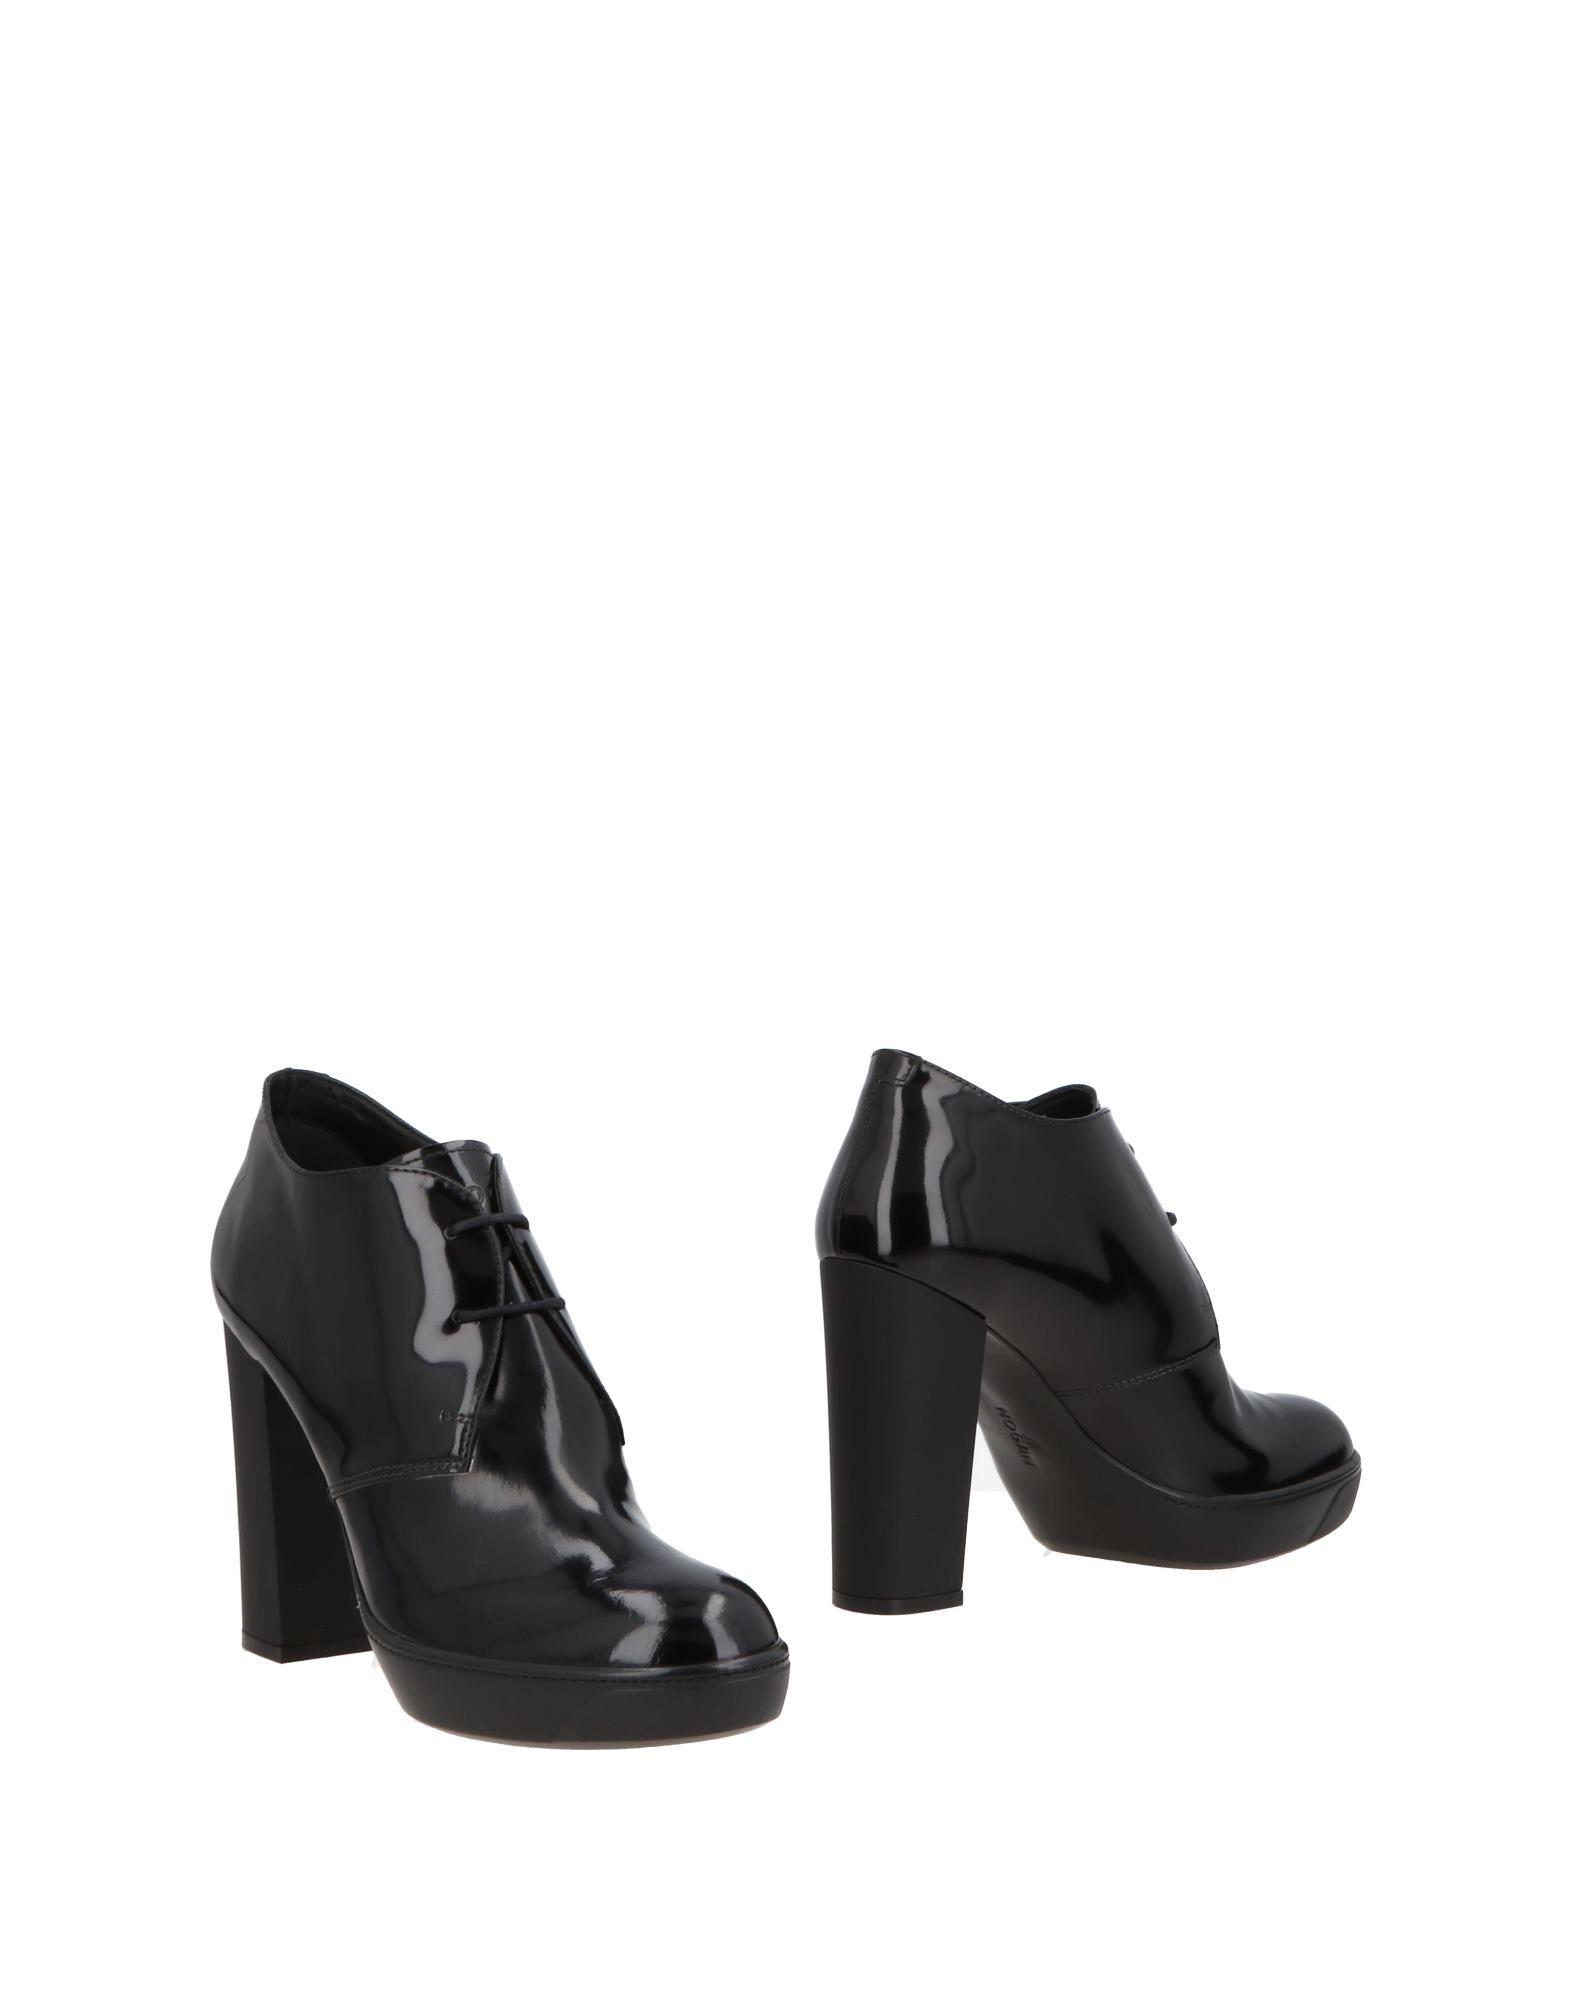 Bottine Hogan Femme - Bottines Hogan Noir Les chaussures les plus populaires pour les hommes et les femmes